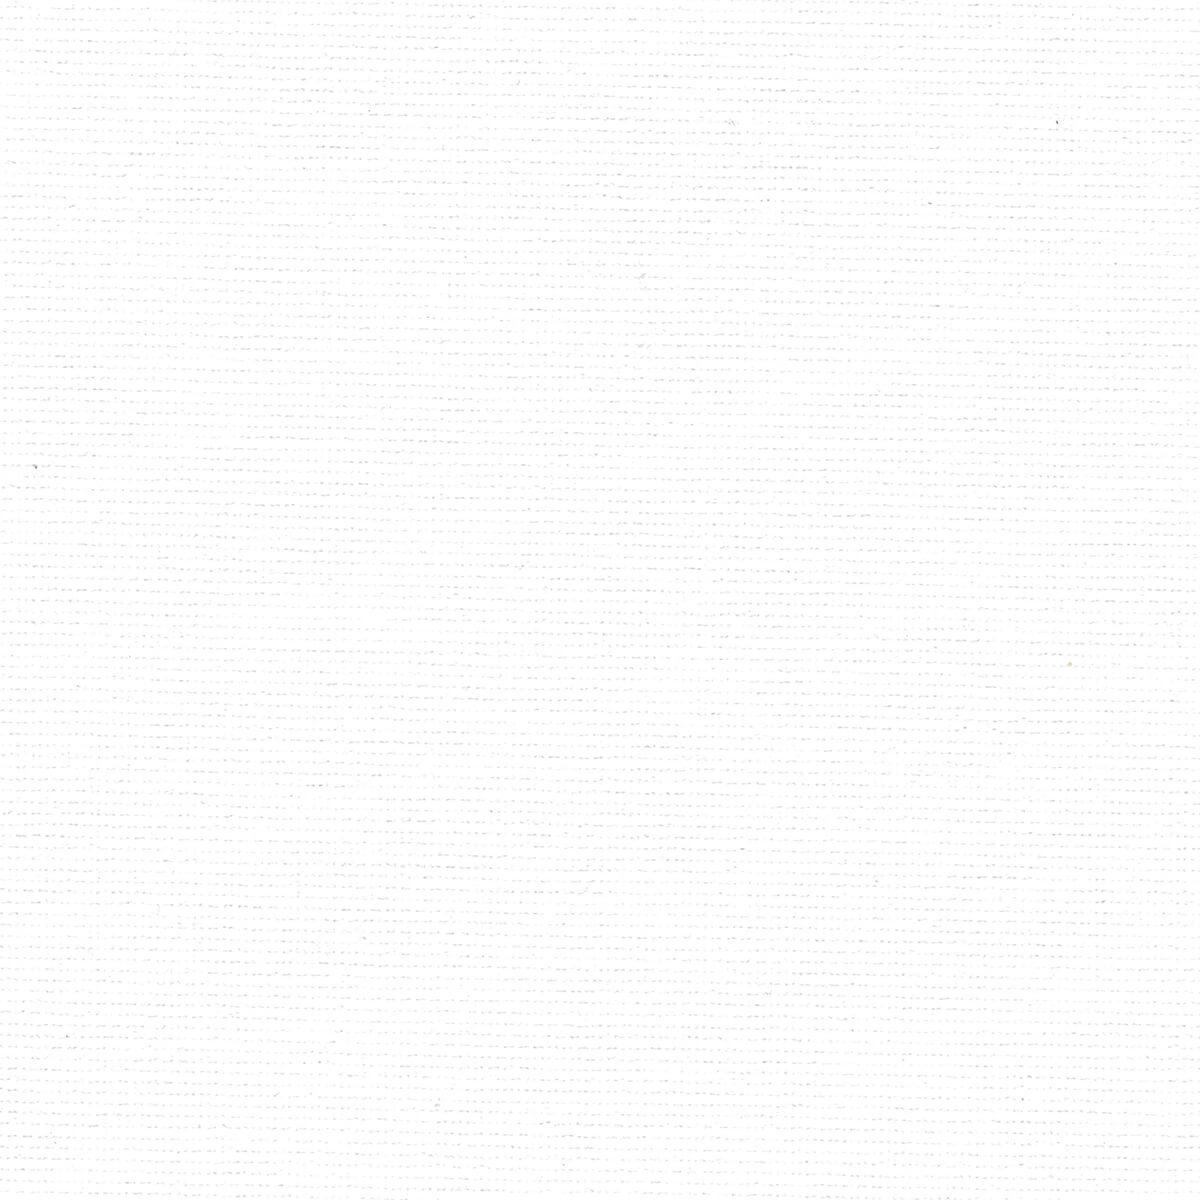 پرده بلک اوت با سبک مدرن | جنس پلی استر | کد VBL05| گروه وراتی